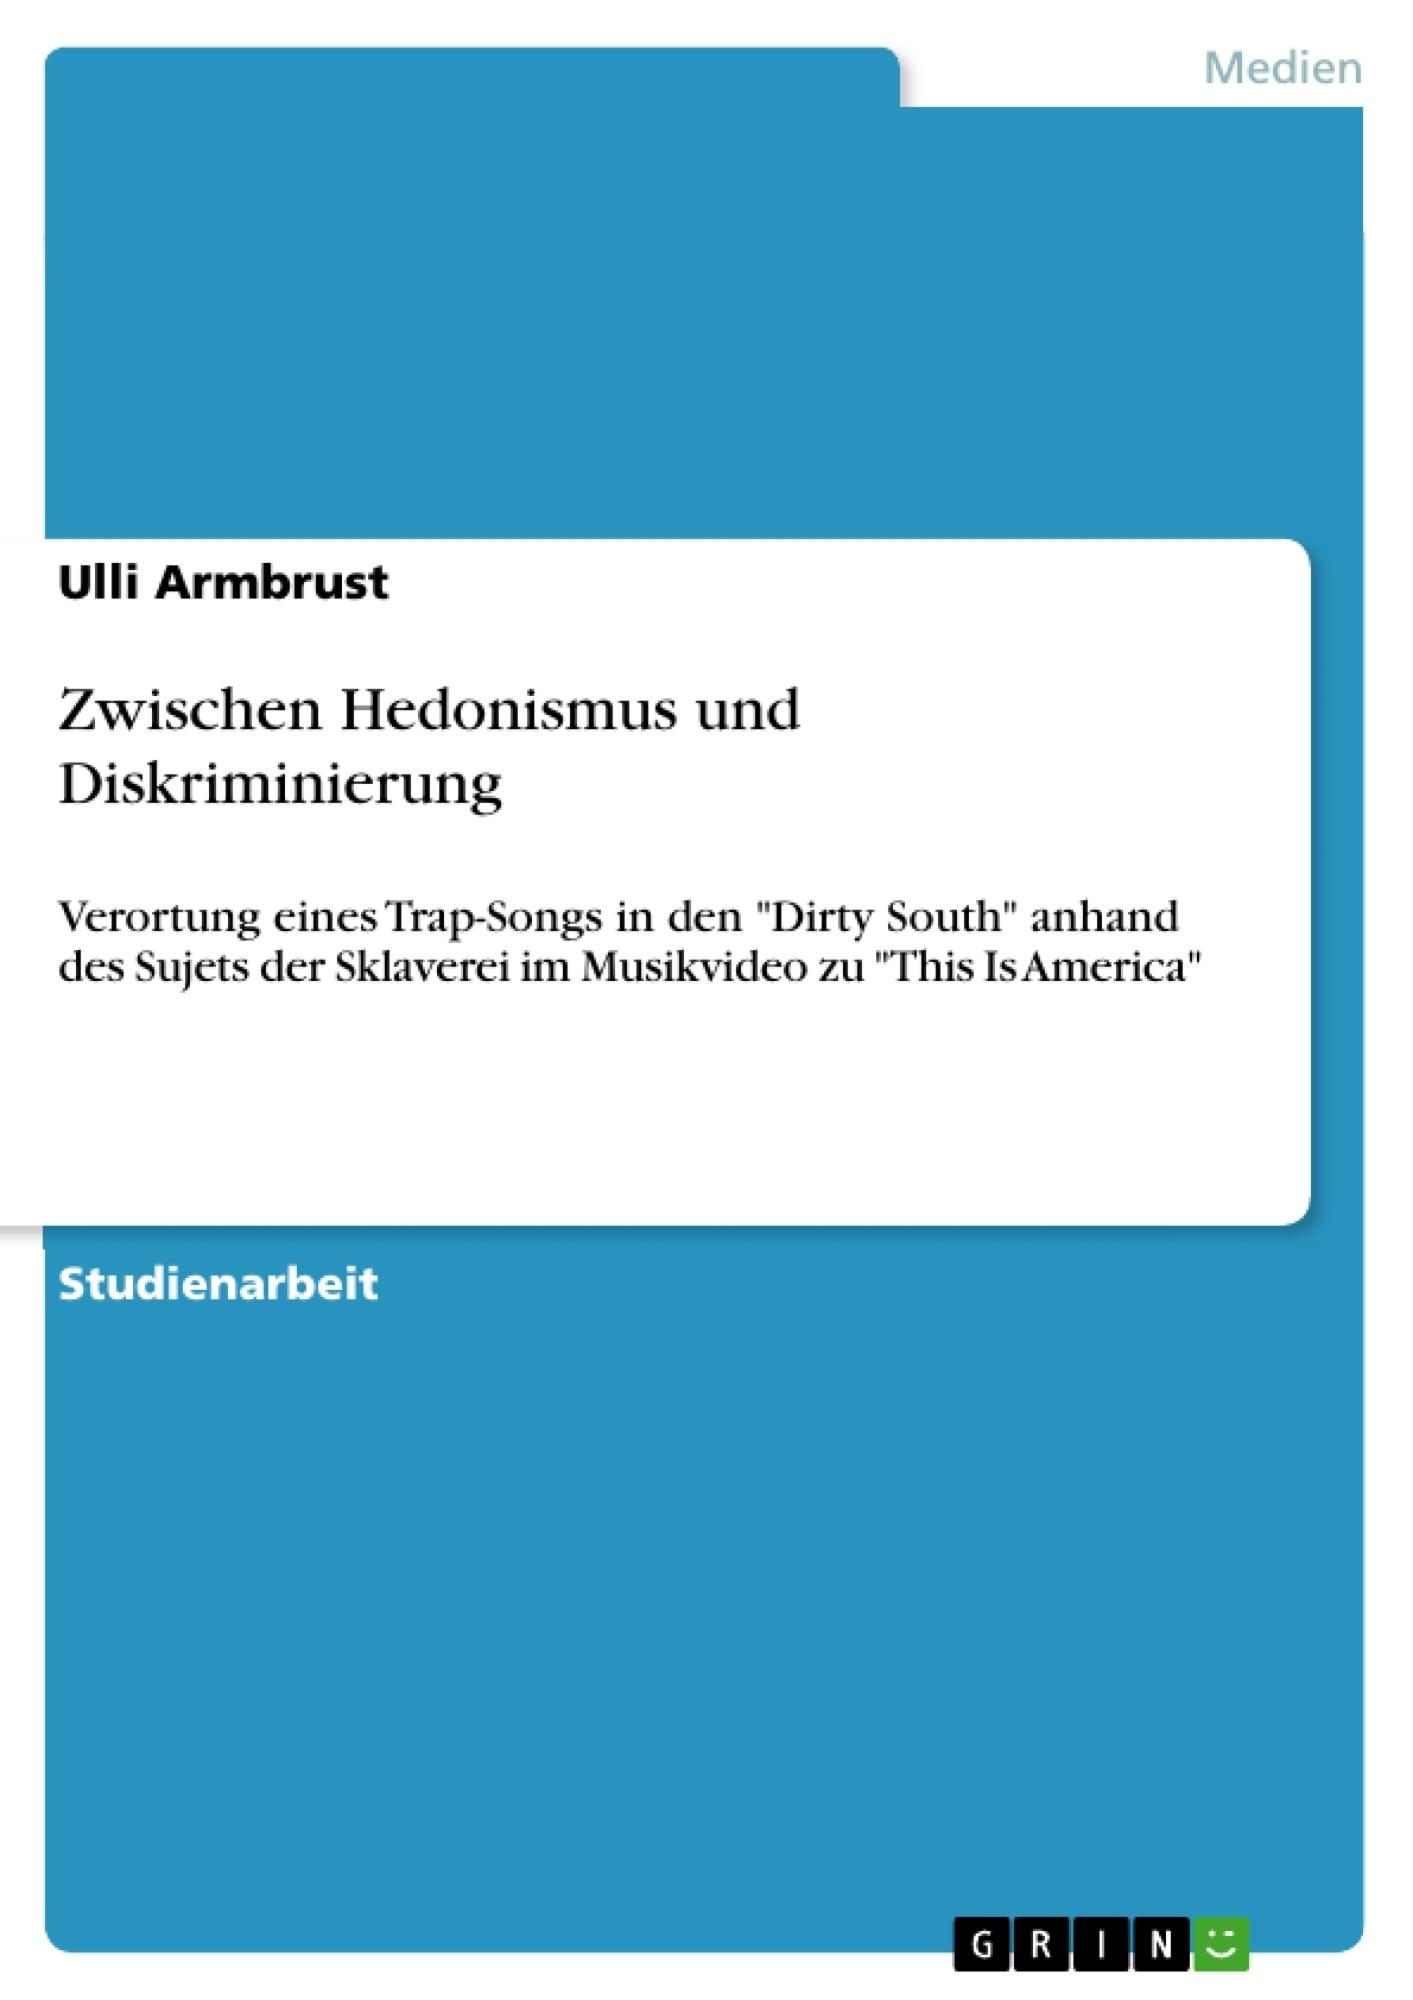 Titel: Zwischen Hedonismus und Diskriminierung